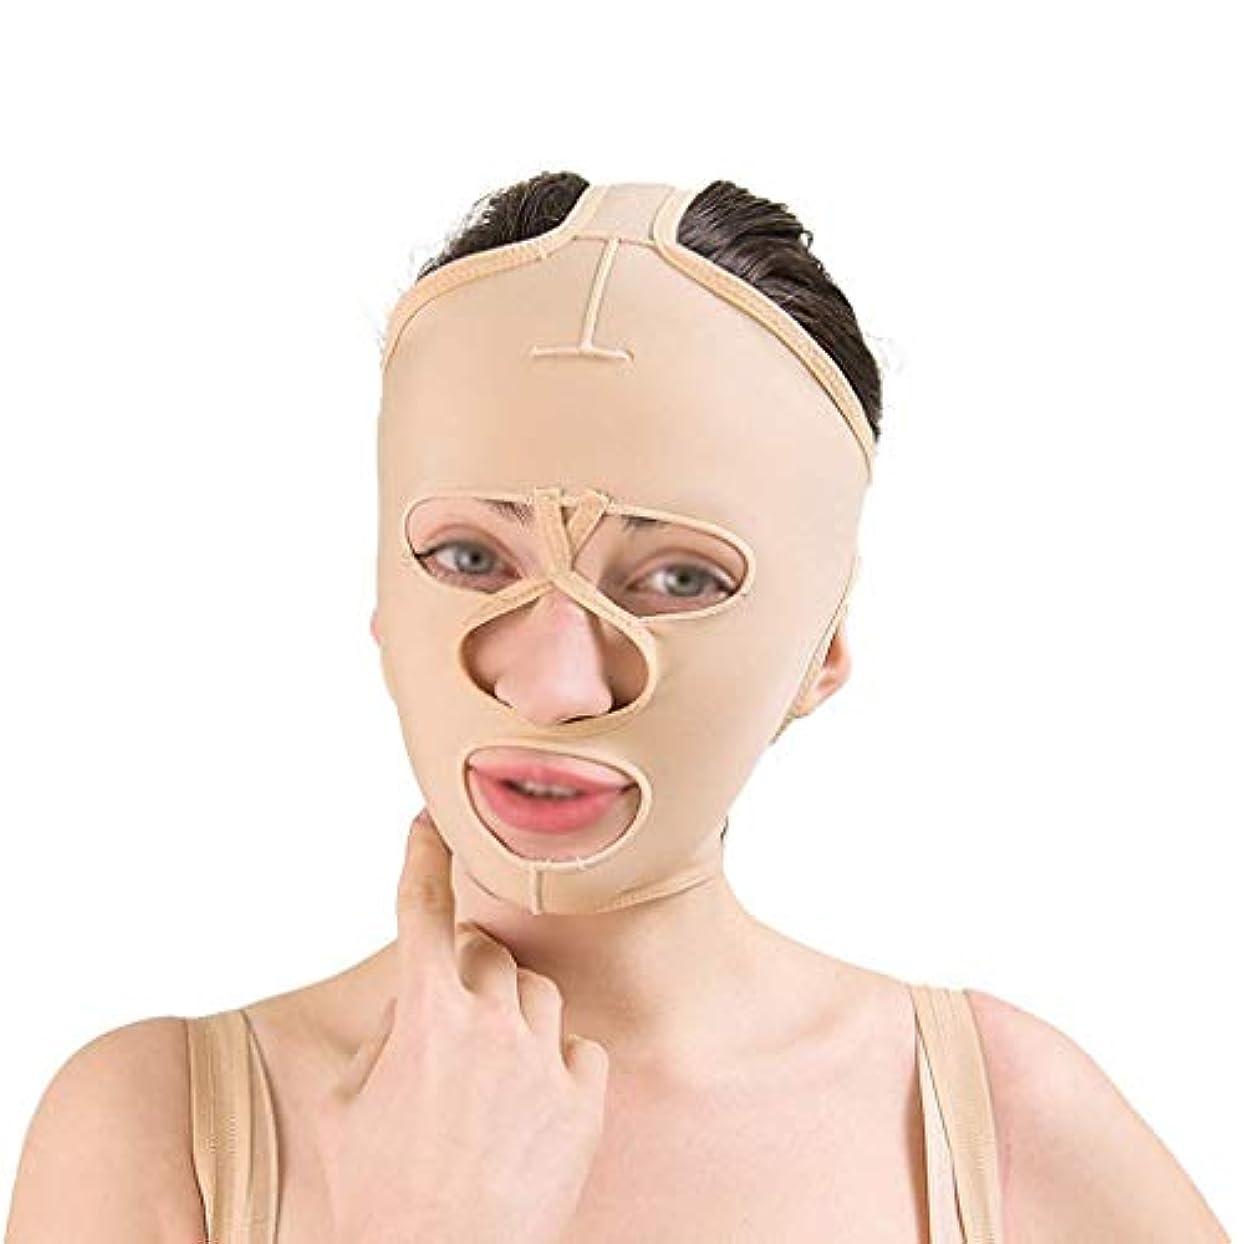 コークス揮発性道徳のフェイシャルリフティングツール、フェイシャルビューティーリフティングマスク、通気性引き締めリフティングフェイシャル包帯、フェイシャルタイトバンデージ(サイズ:L),S